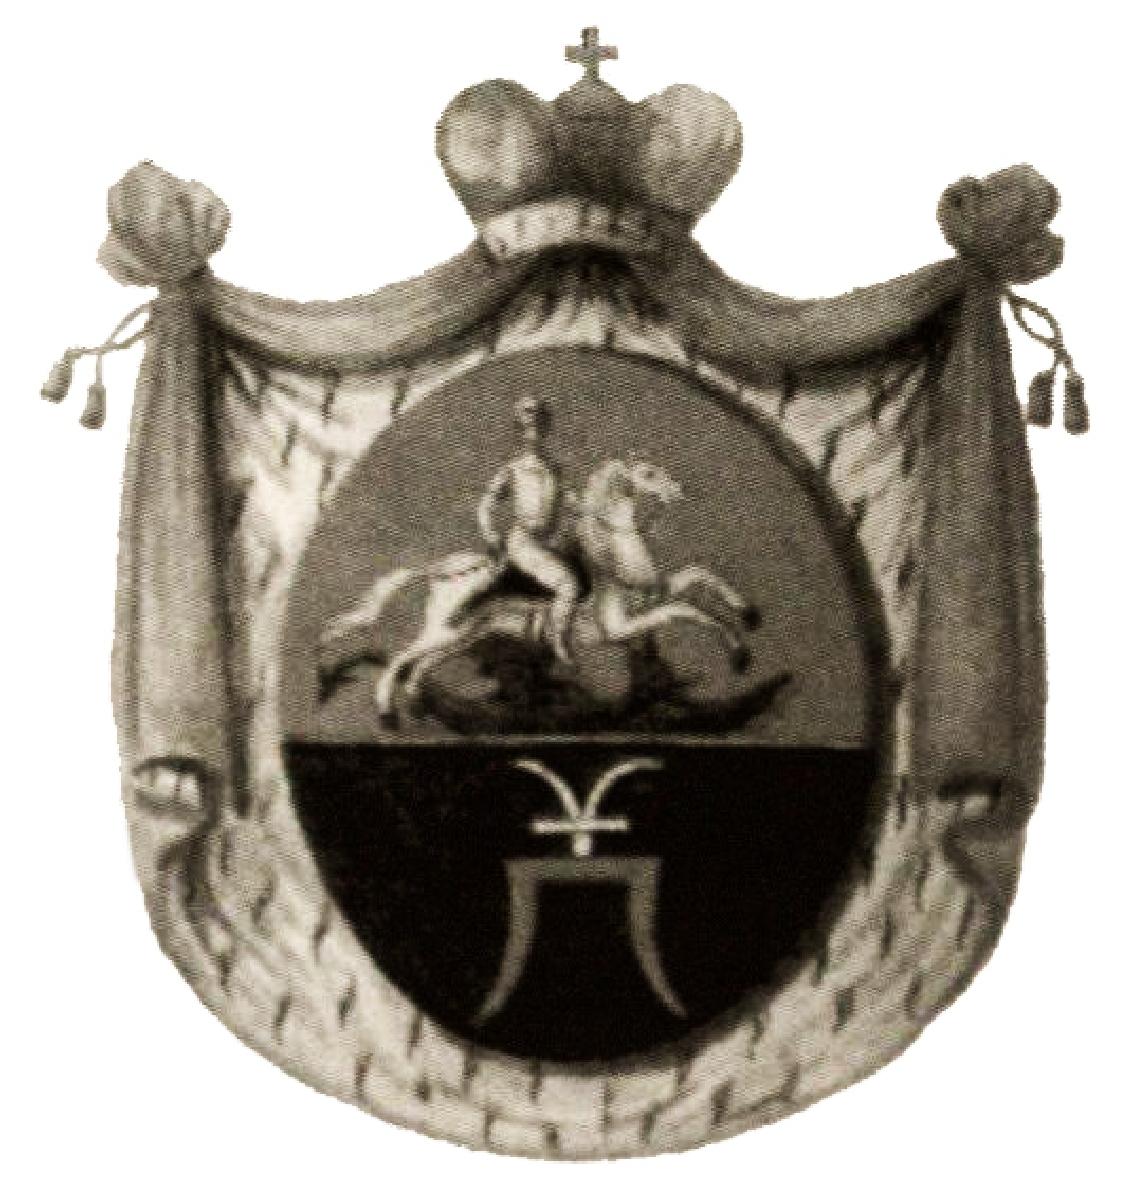 Amžių bėgyje pakitęs Oginskių giminės herbas